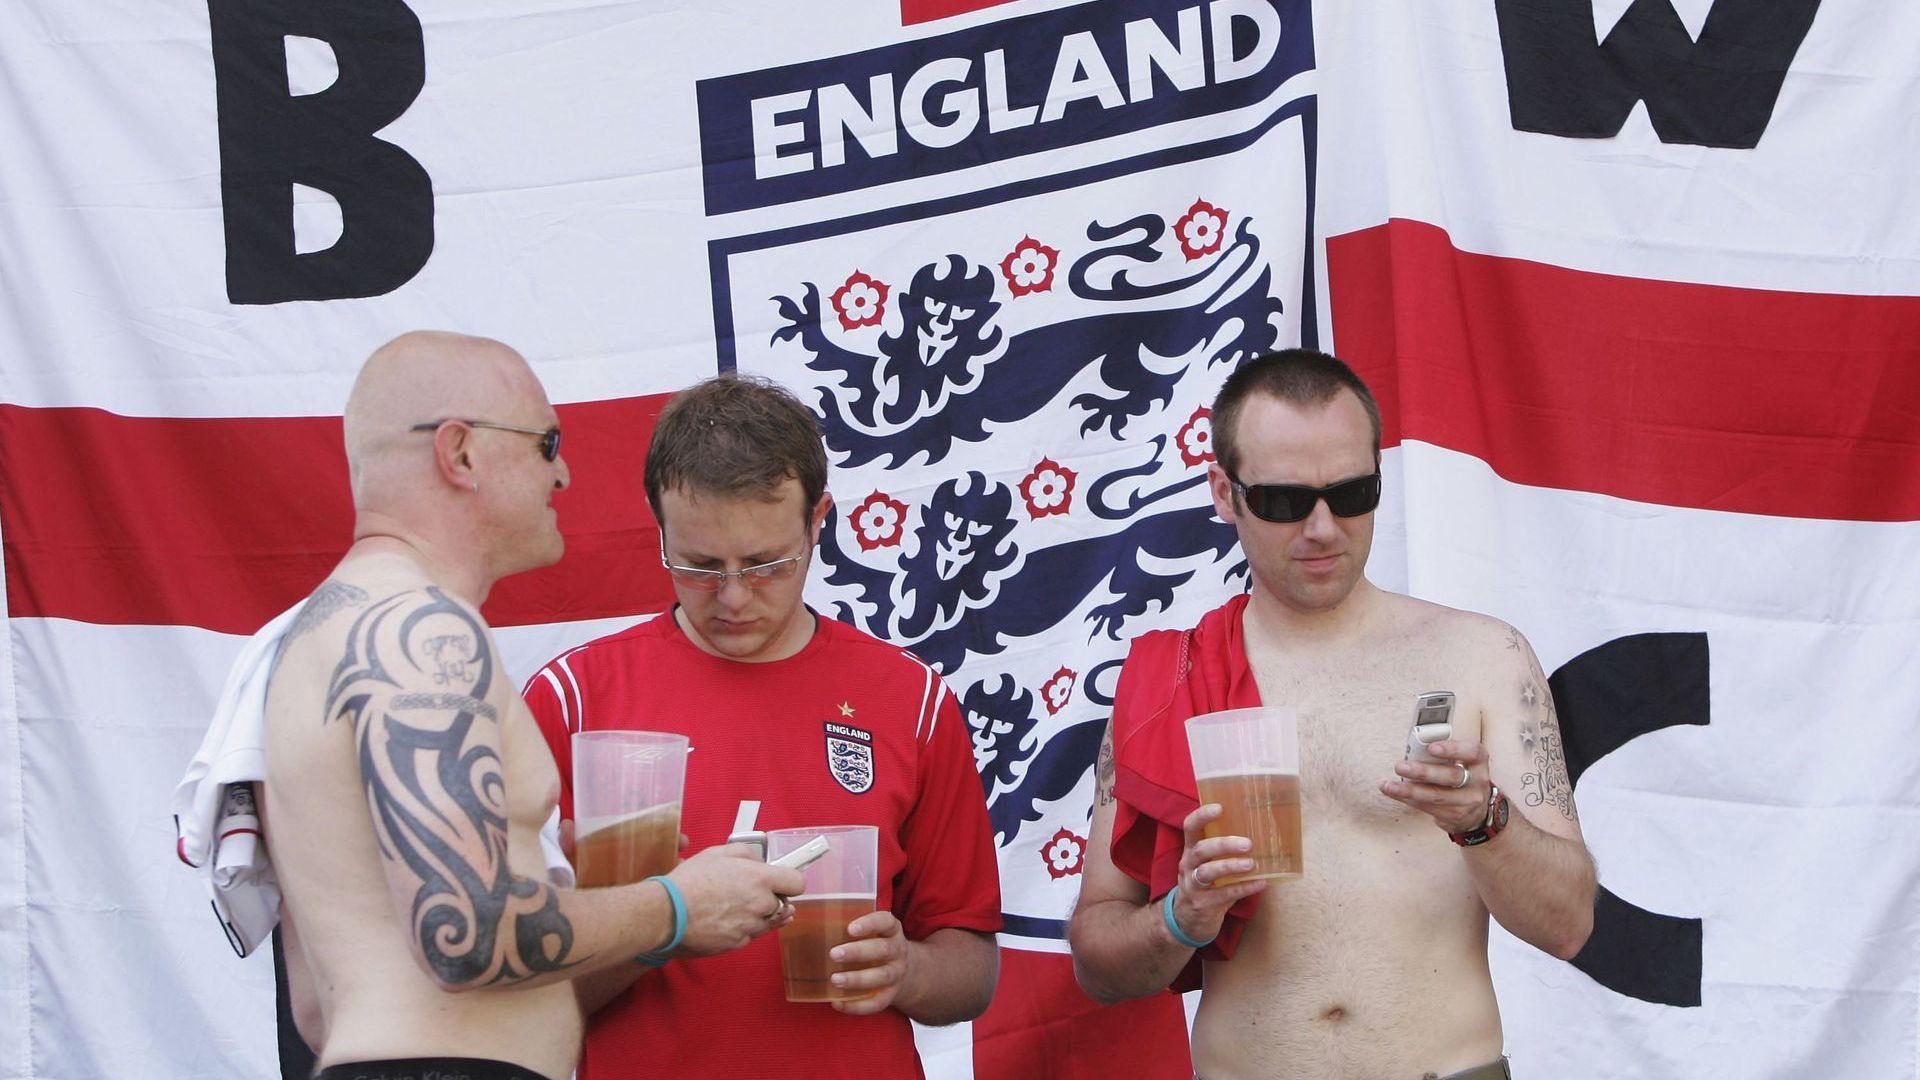 23 милиона британски хладилника ще се отворят по време на Англия - Тунис